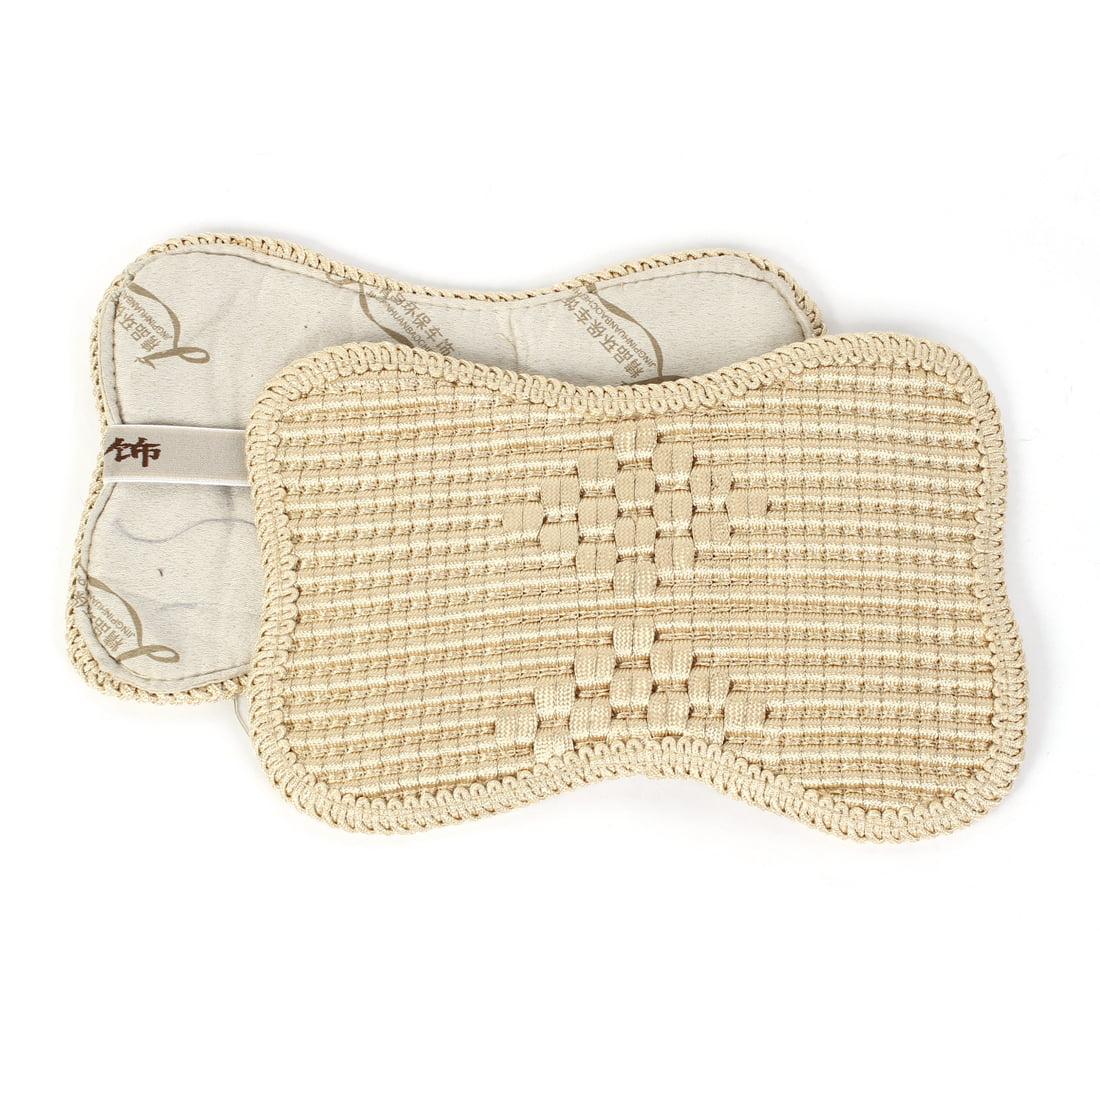 Unique Bargains Pair 31.5cm Long Nylon Fabric Car Neck Rest Pillow Cushion Cover Beige